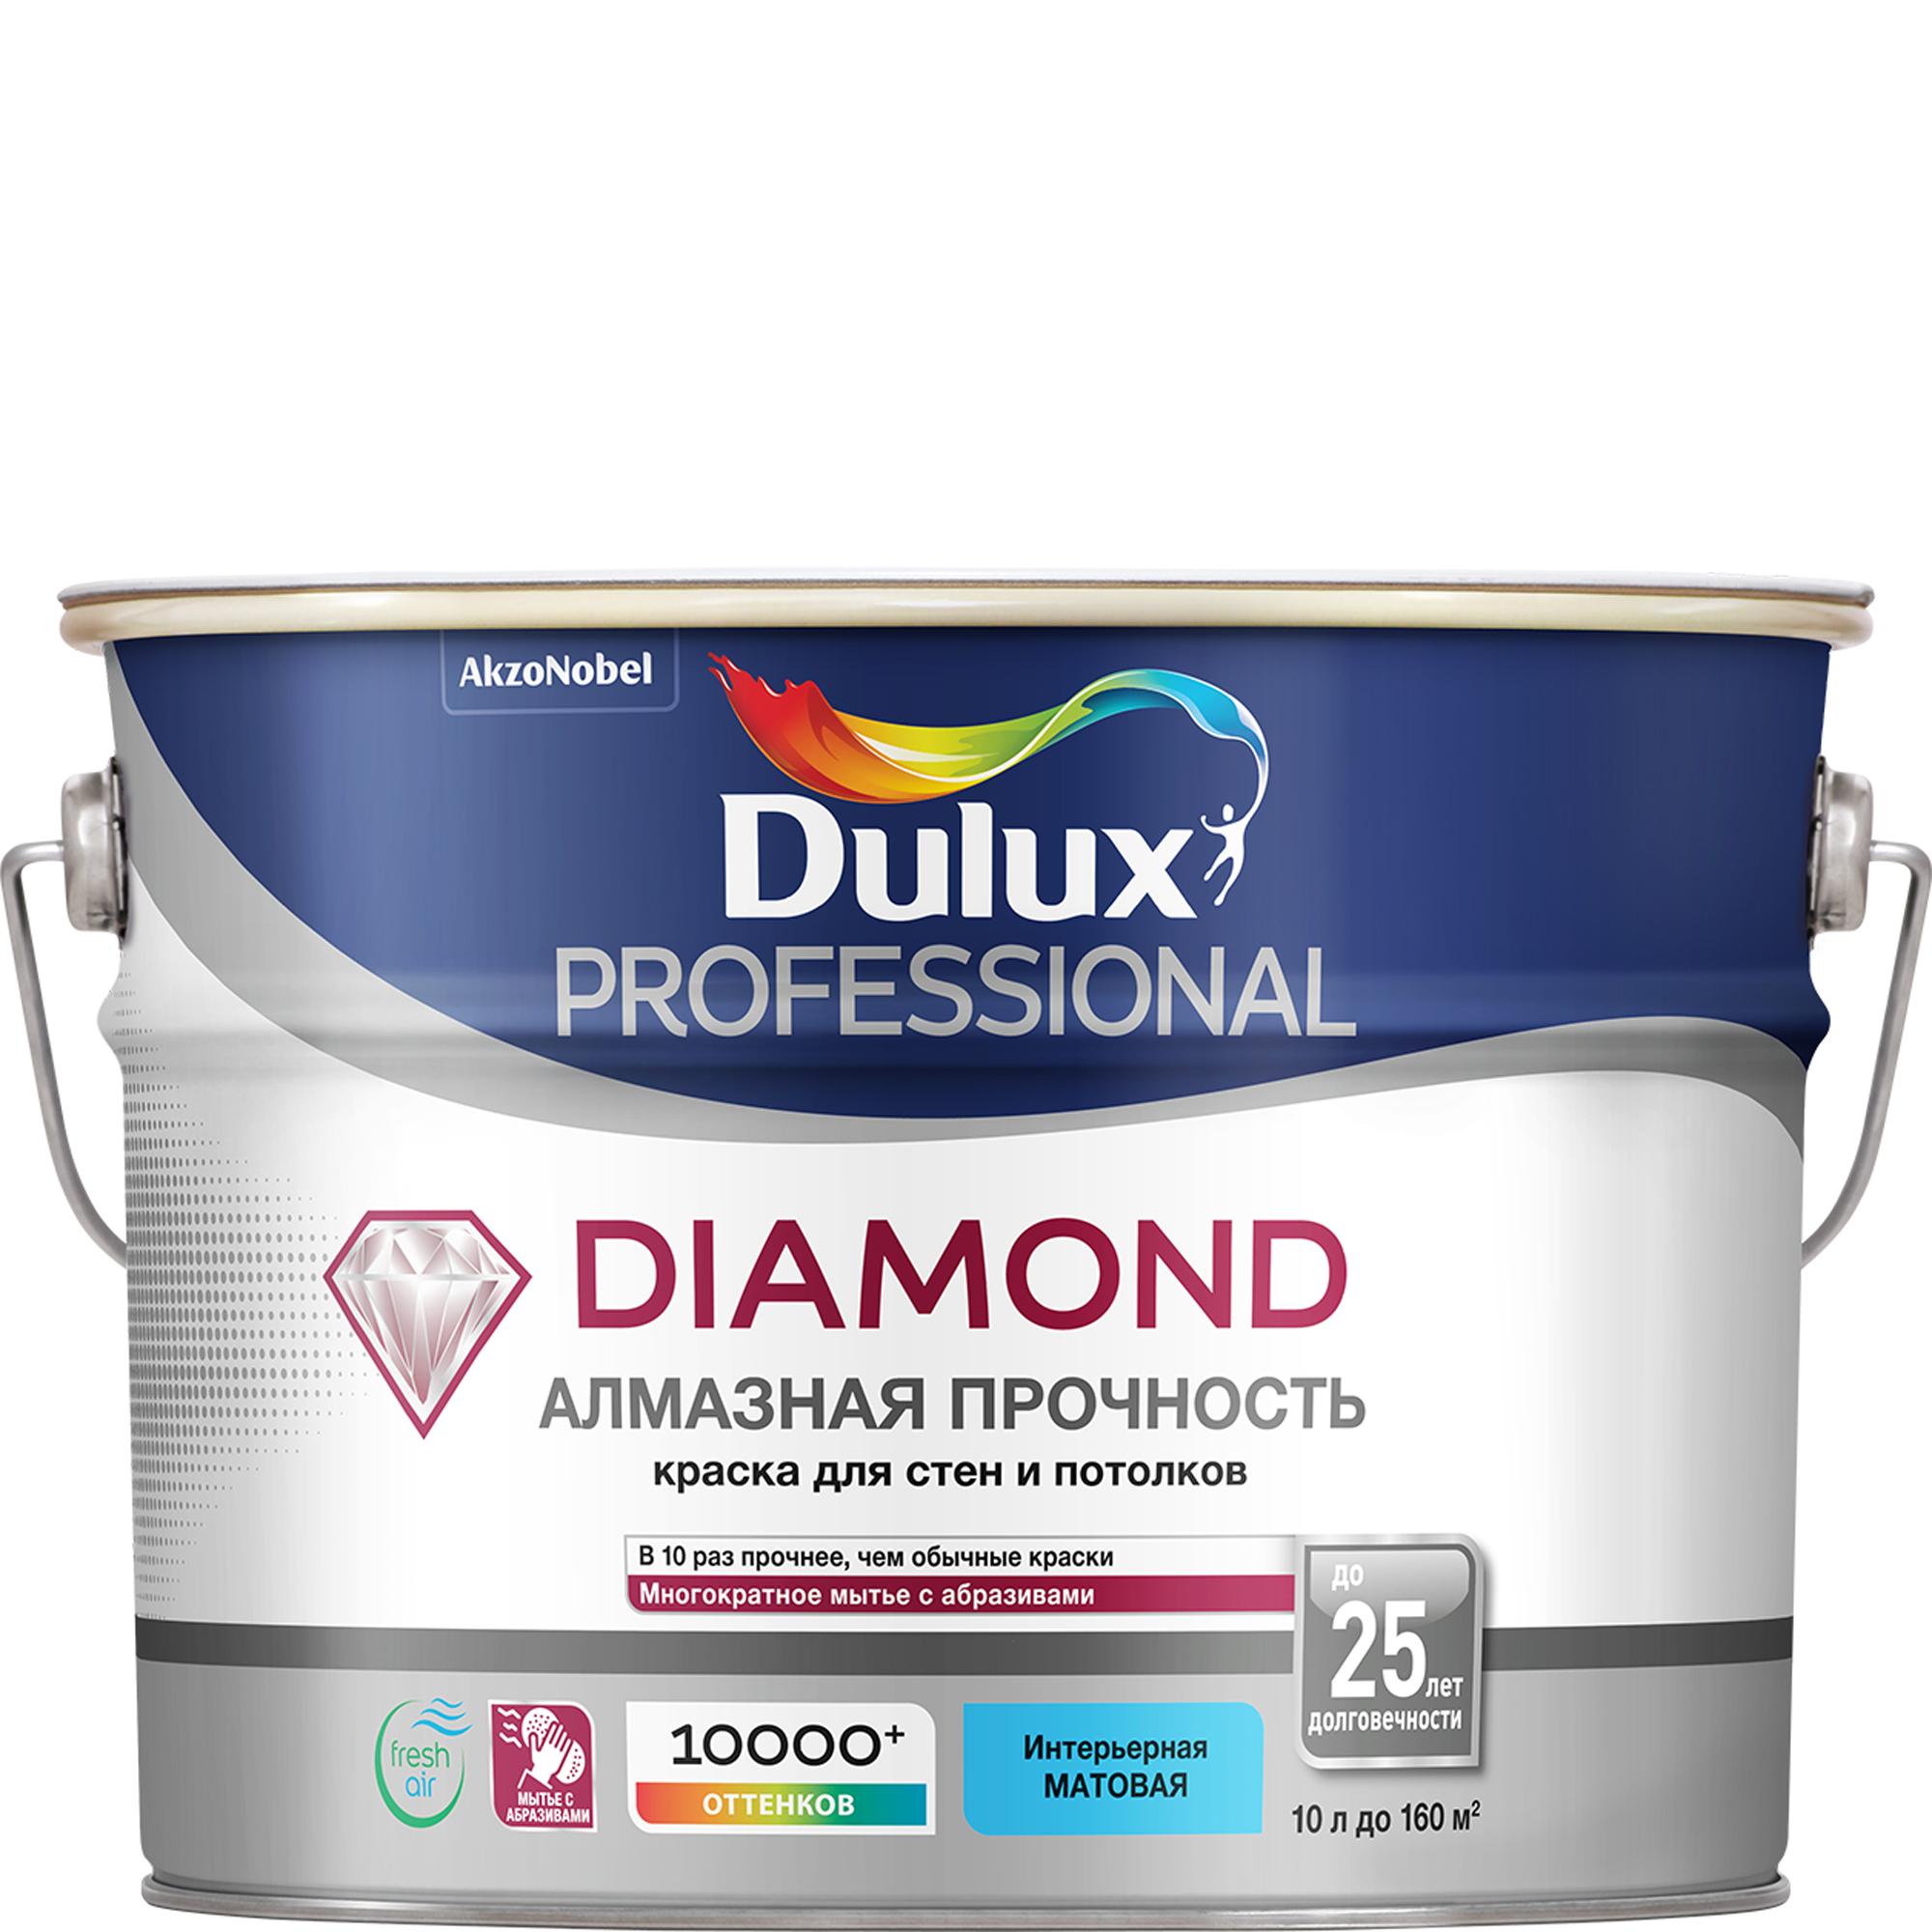 Купить Краска Dulux Diamond Matt белая 10л, краска, Великобритания, белый